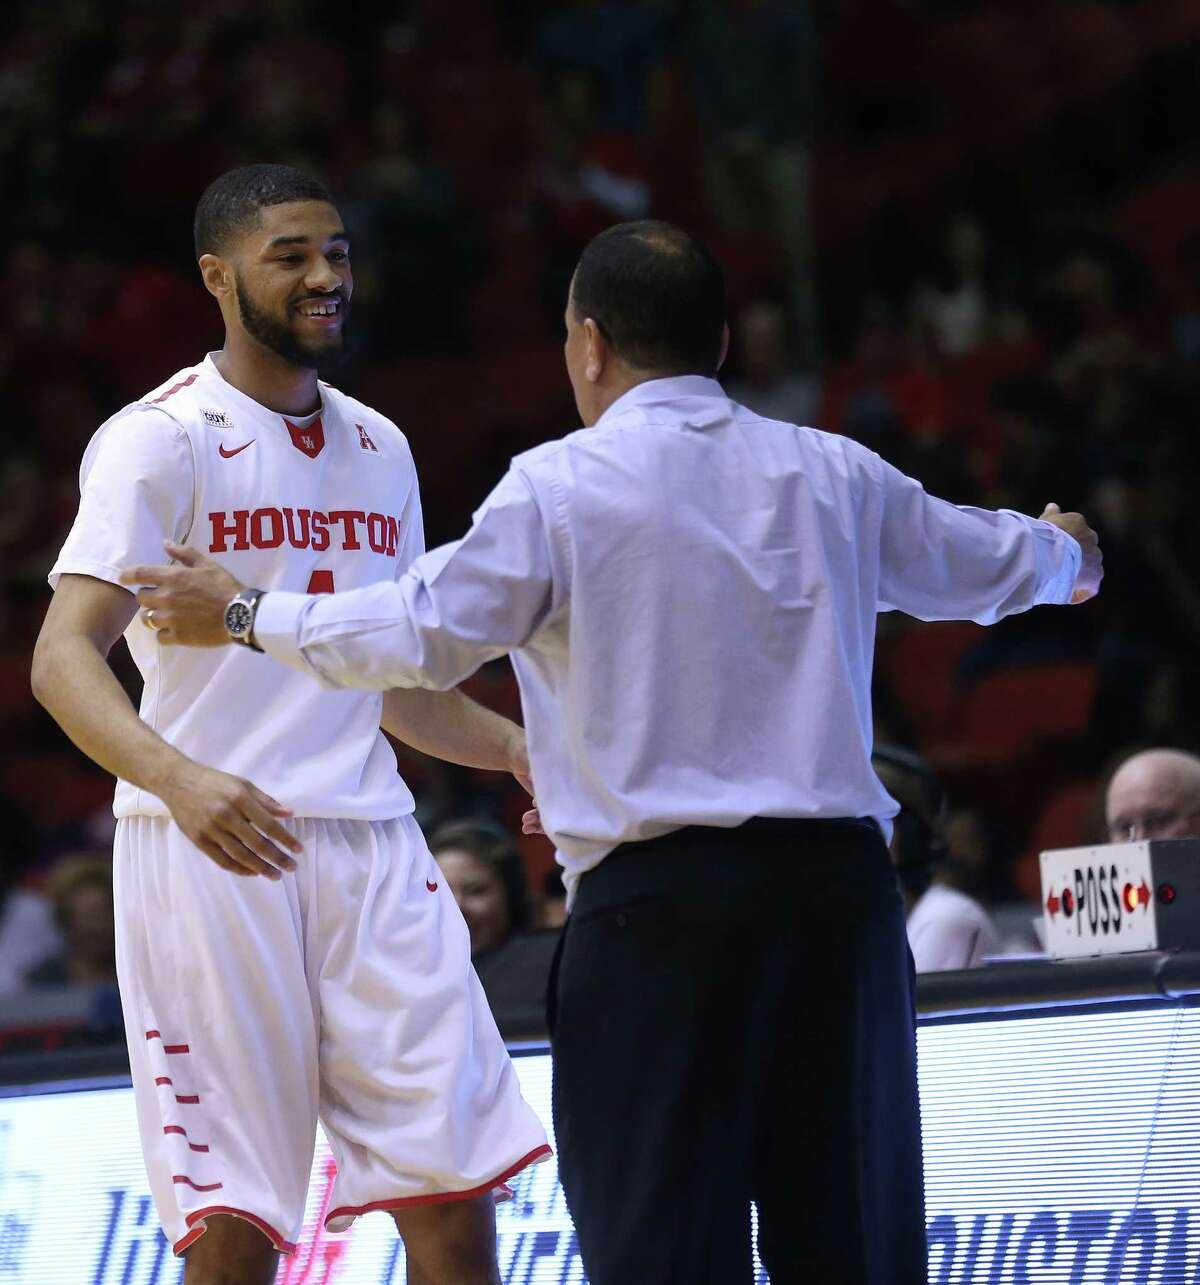 UNIVERSITY OF HOUSTON Men's Basketball Loss: $3.240 million Revenue: $690,033 Expenses: $3.930 million Women's Basketball Loss: $1.940 million Revenue: $46,191 Expenses: $1.986 million